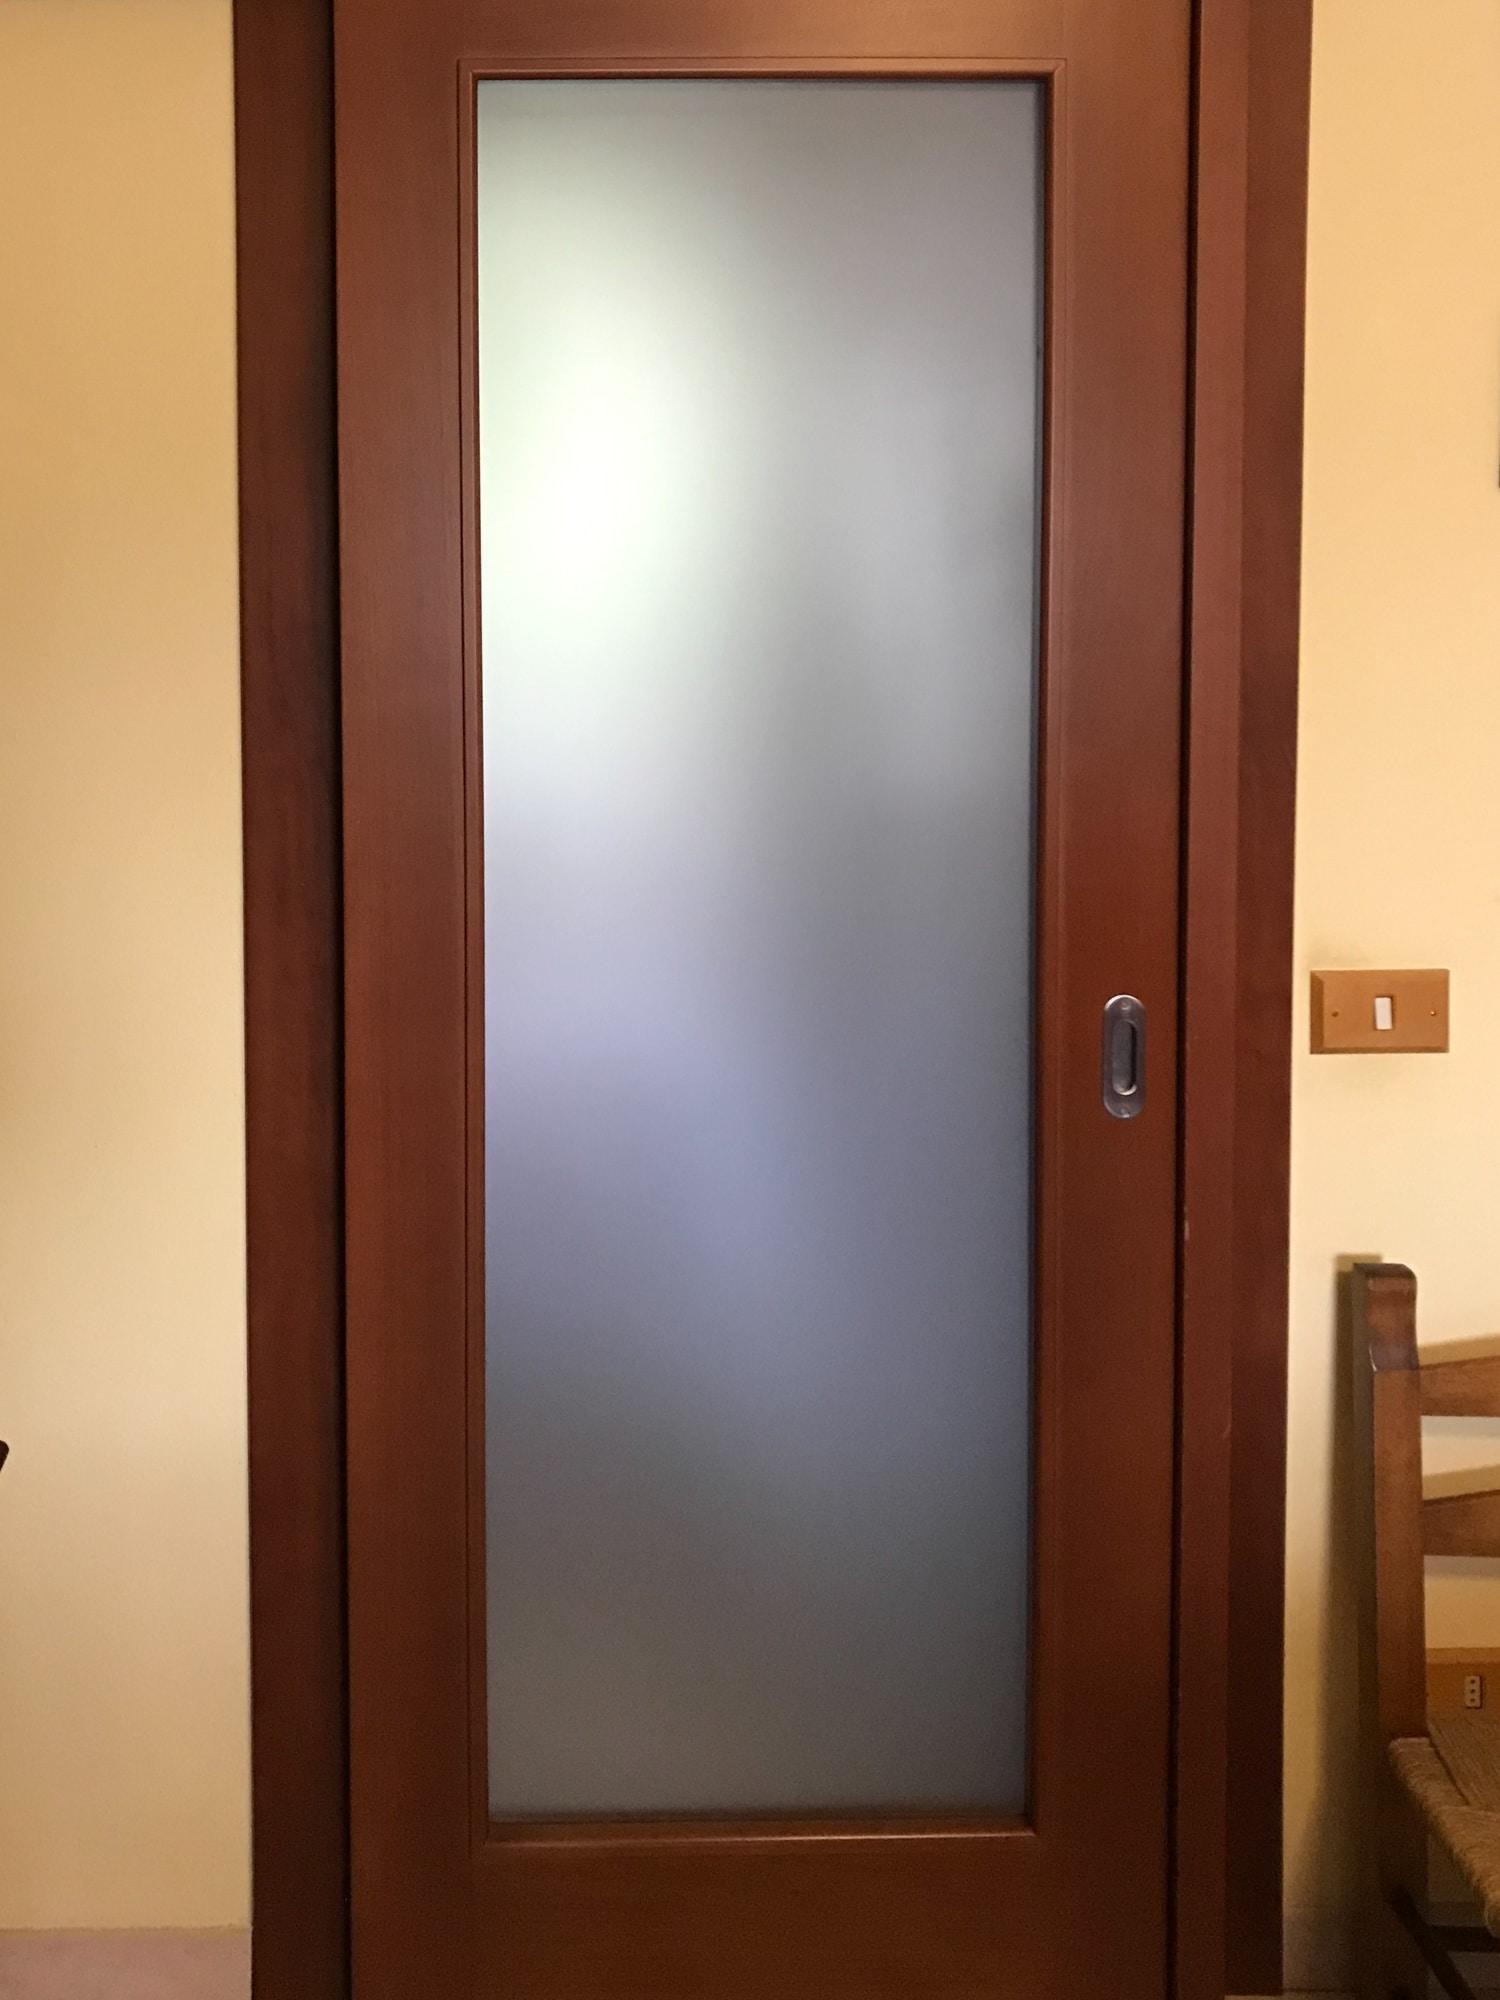 Porta scorrevole esterno muro in legno massello verniciato con vetro satinato